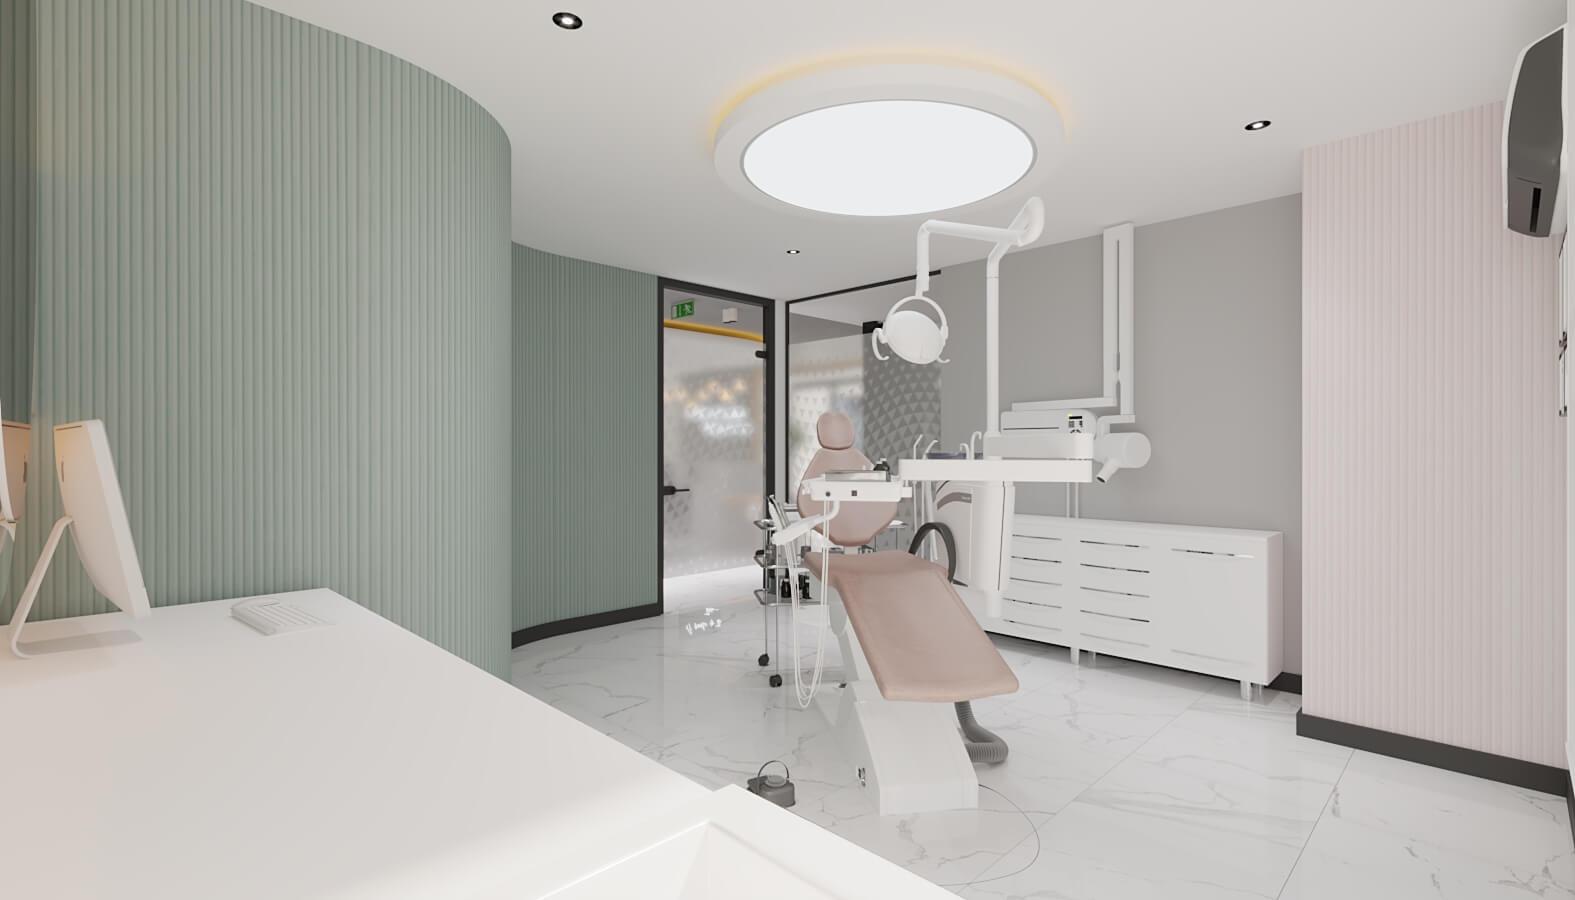 Surgery Clinic 4556 Ankara Dental Clinic Design Healthcare